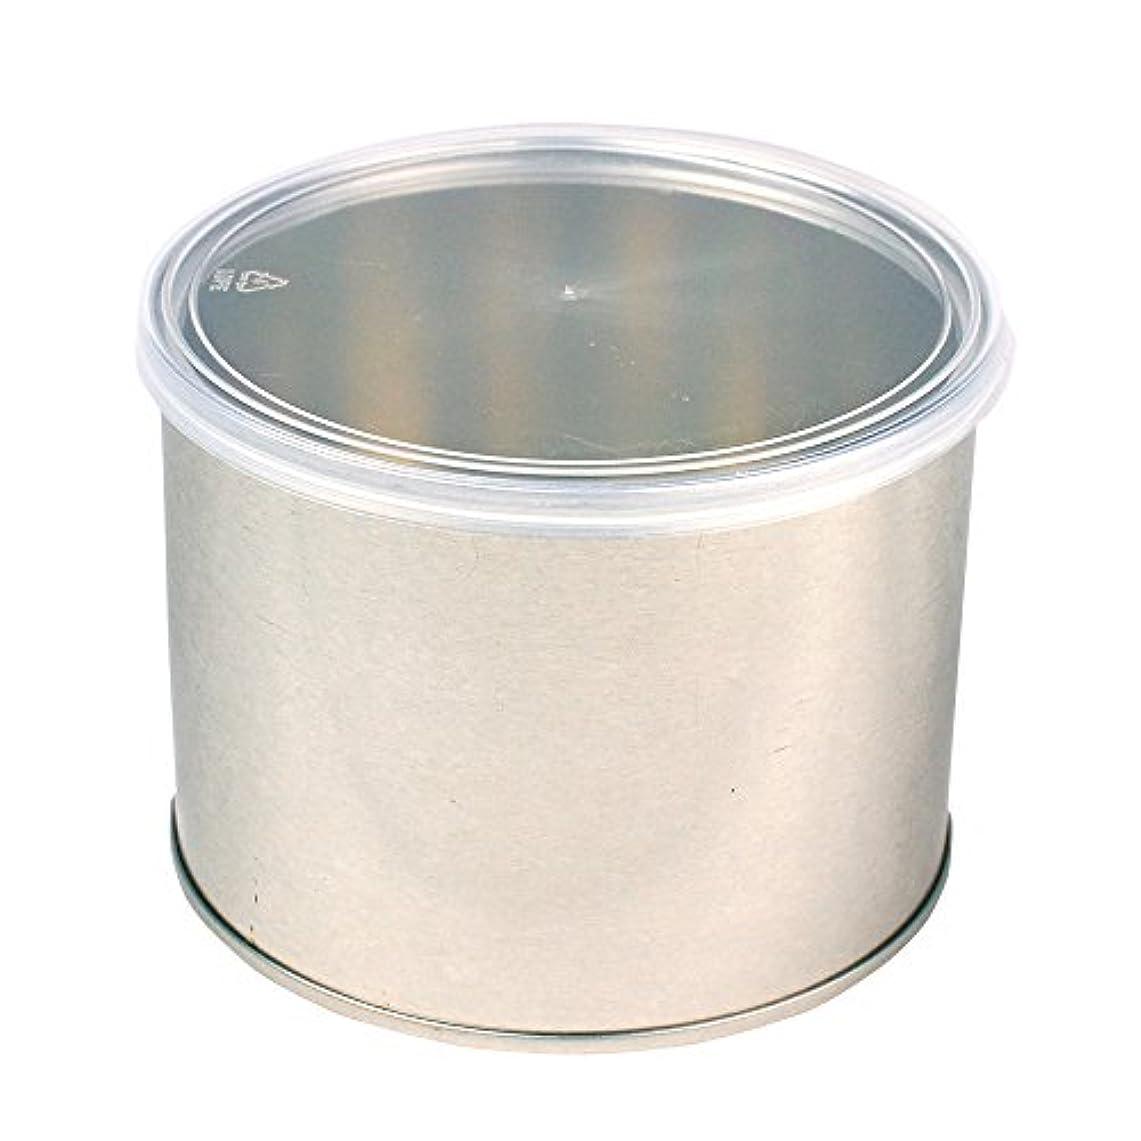 寝室食い違い嫌なワックス脱毛用スチール缶 ハード?ソフト両用 キャップ付 1個(032-1) ブラジリアンワックス